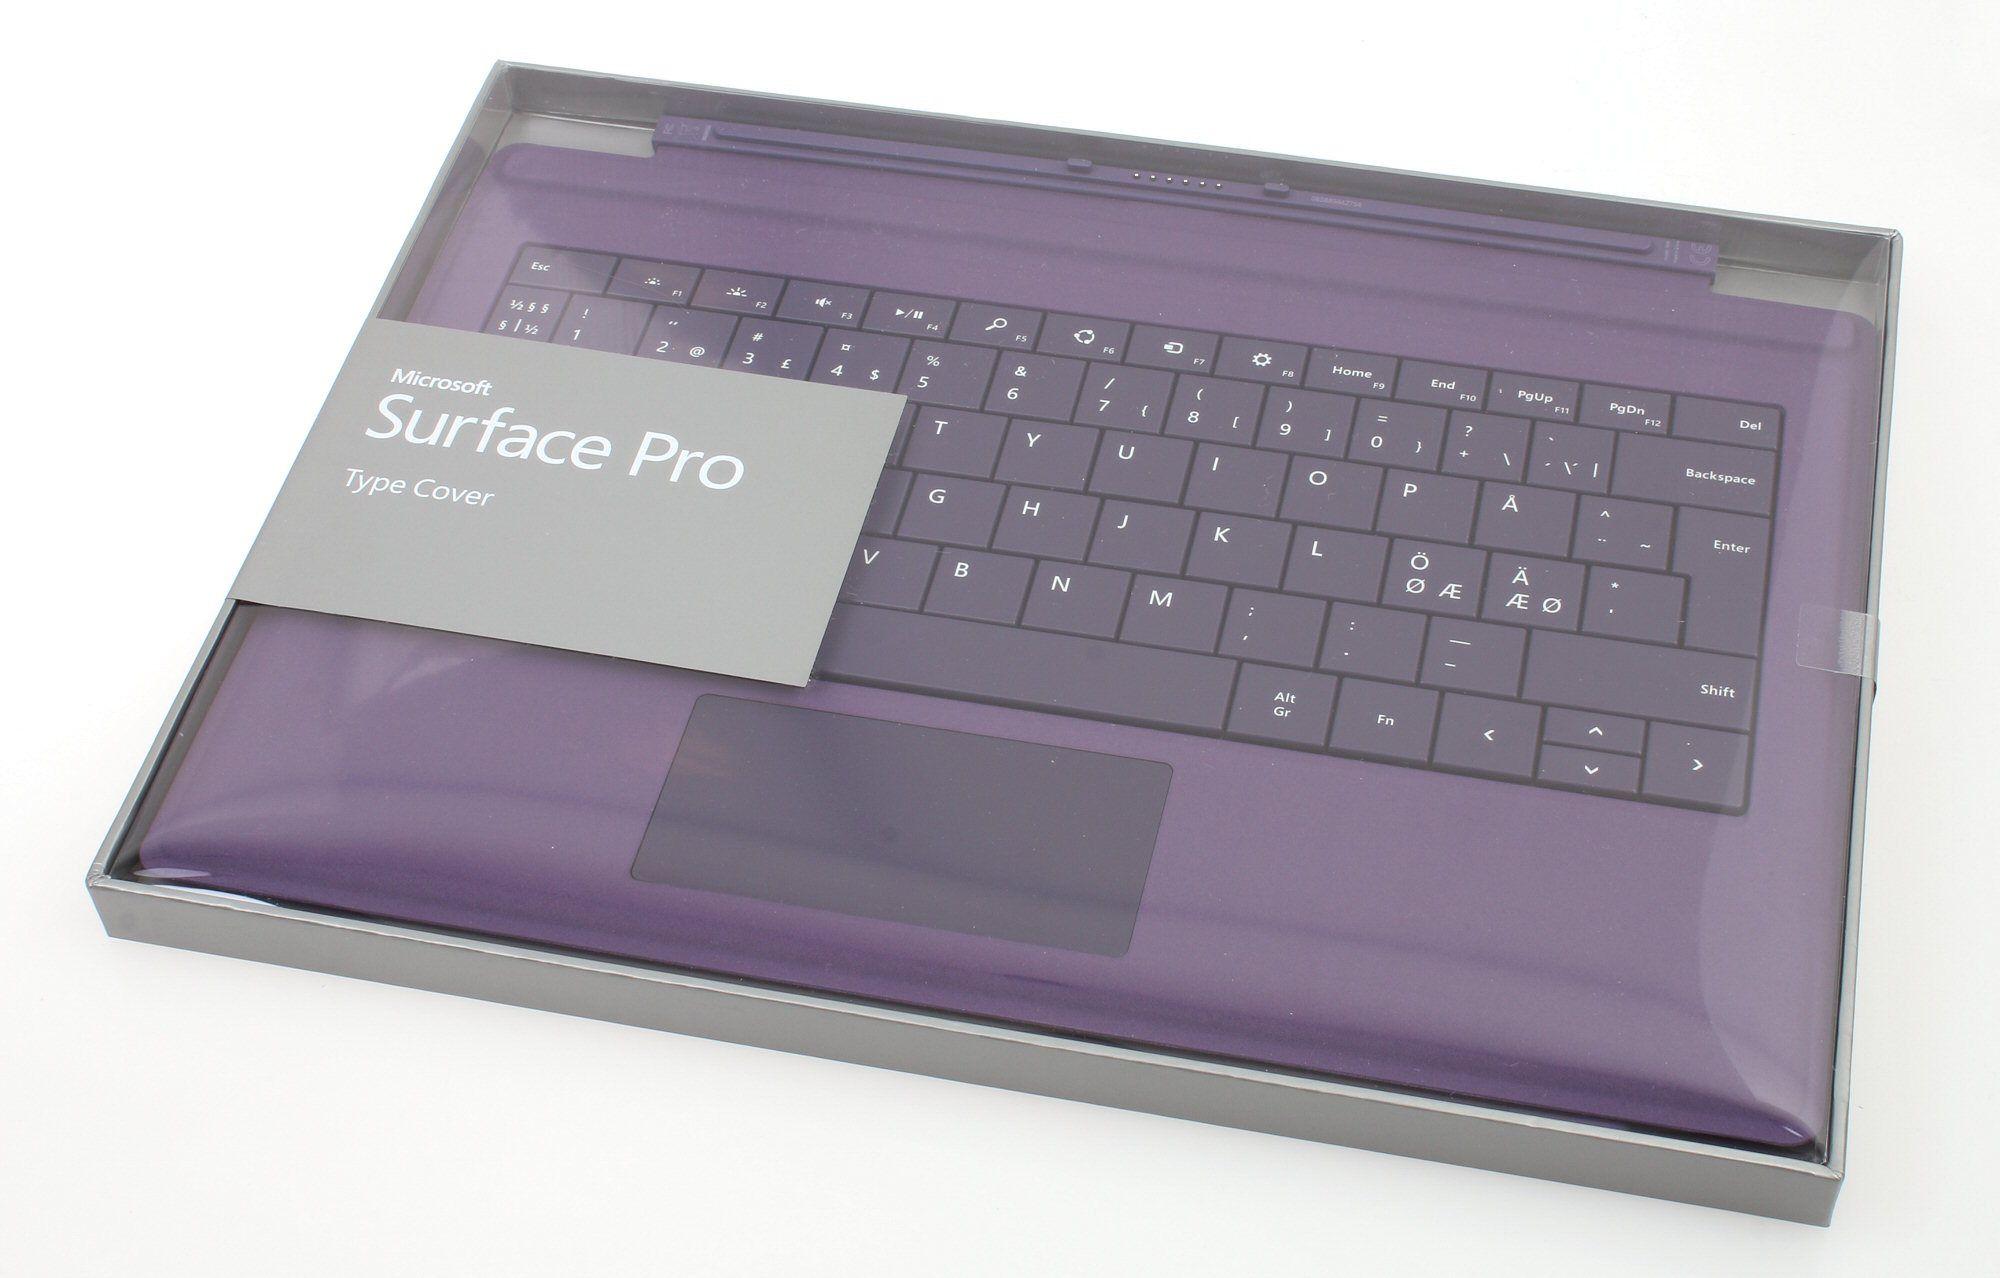 For å virkelig kunne bruke Surface Pro 3 skikkelig trenger du et tastaur. Det nye Pro Type Coveret er det eneste du som passer i skrivende stund, men til gjengjeld får du den i fem forskjellige farger.Foto: Vegar Jansen, Hardware.no